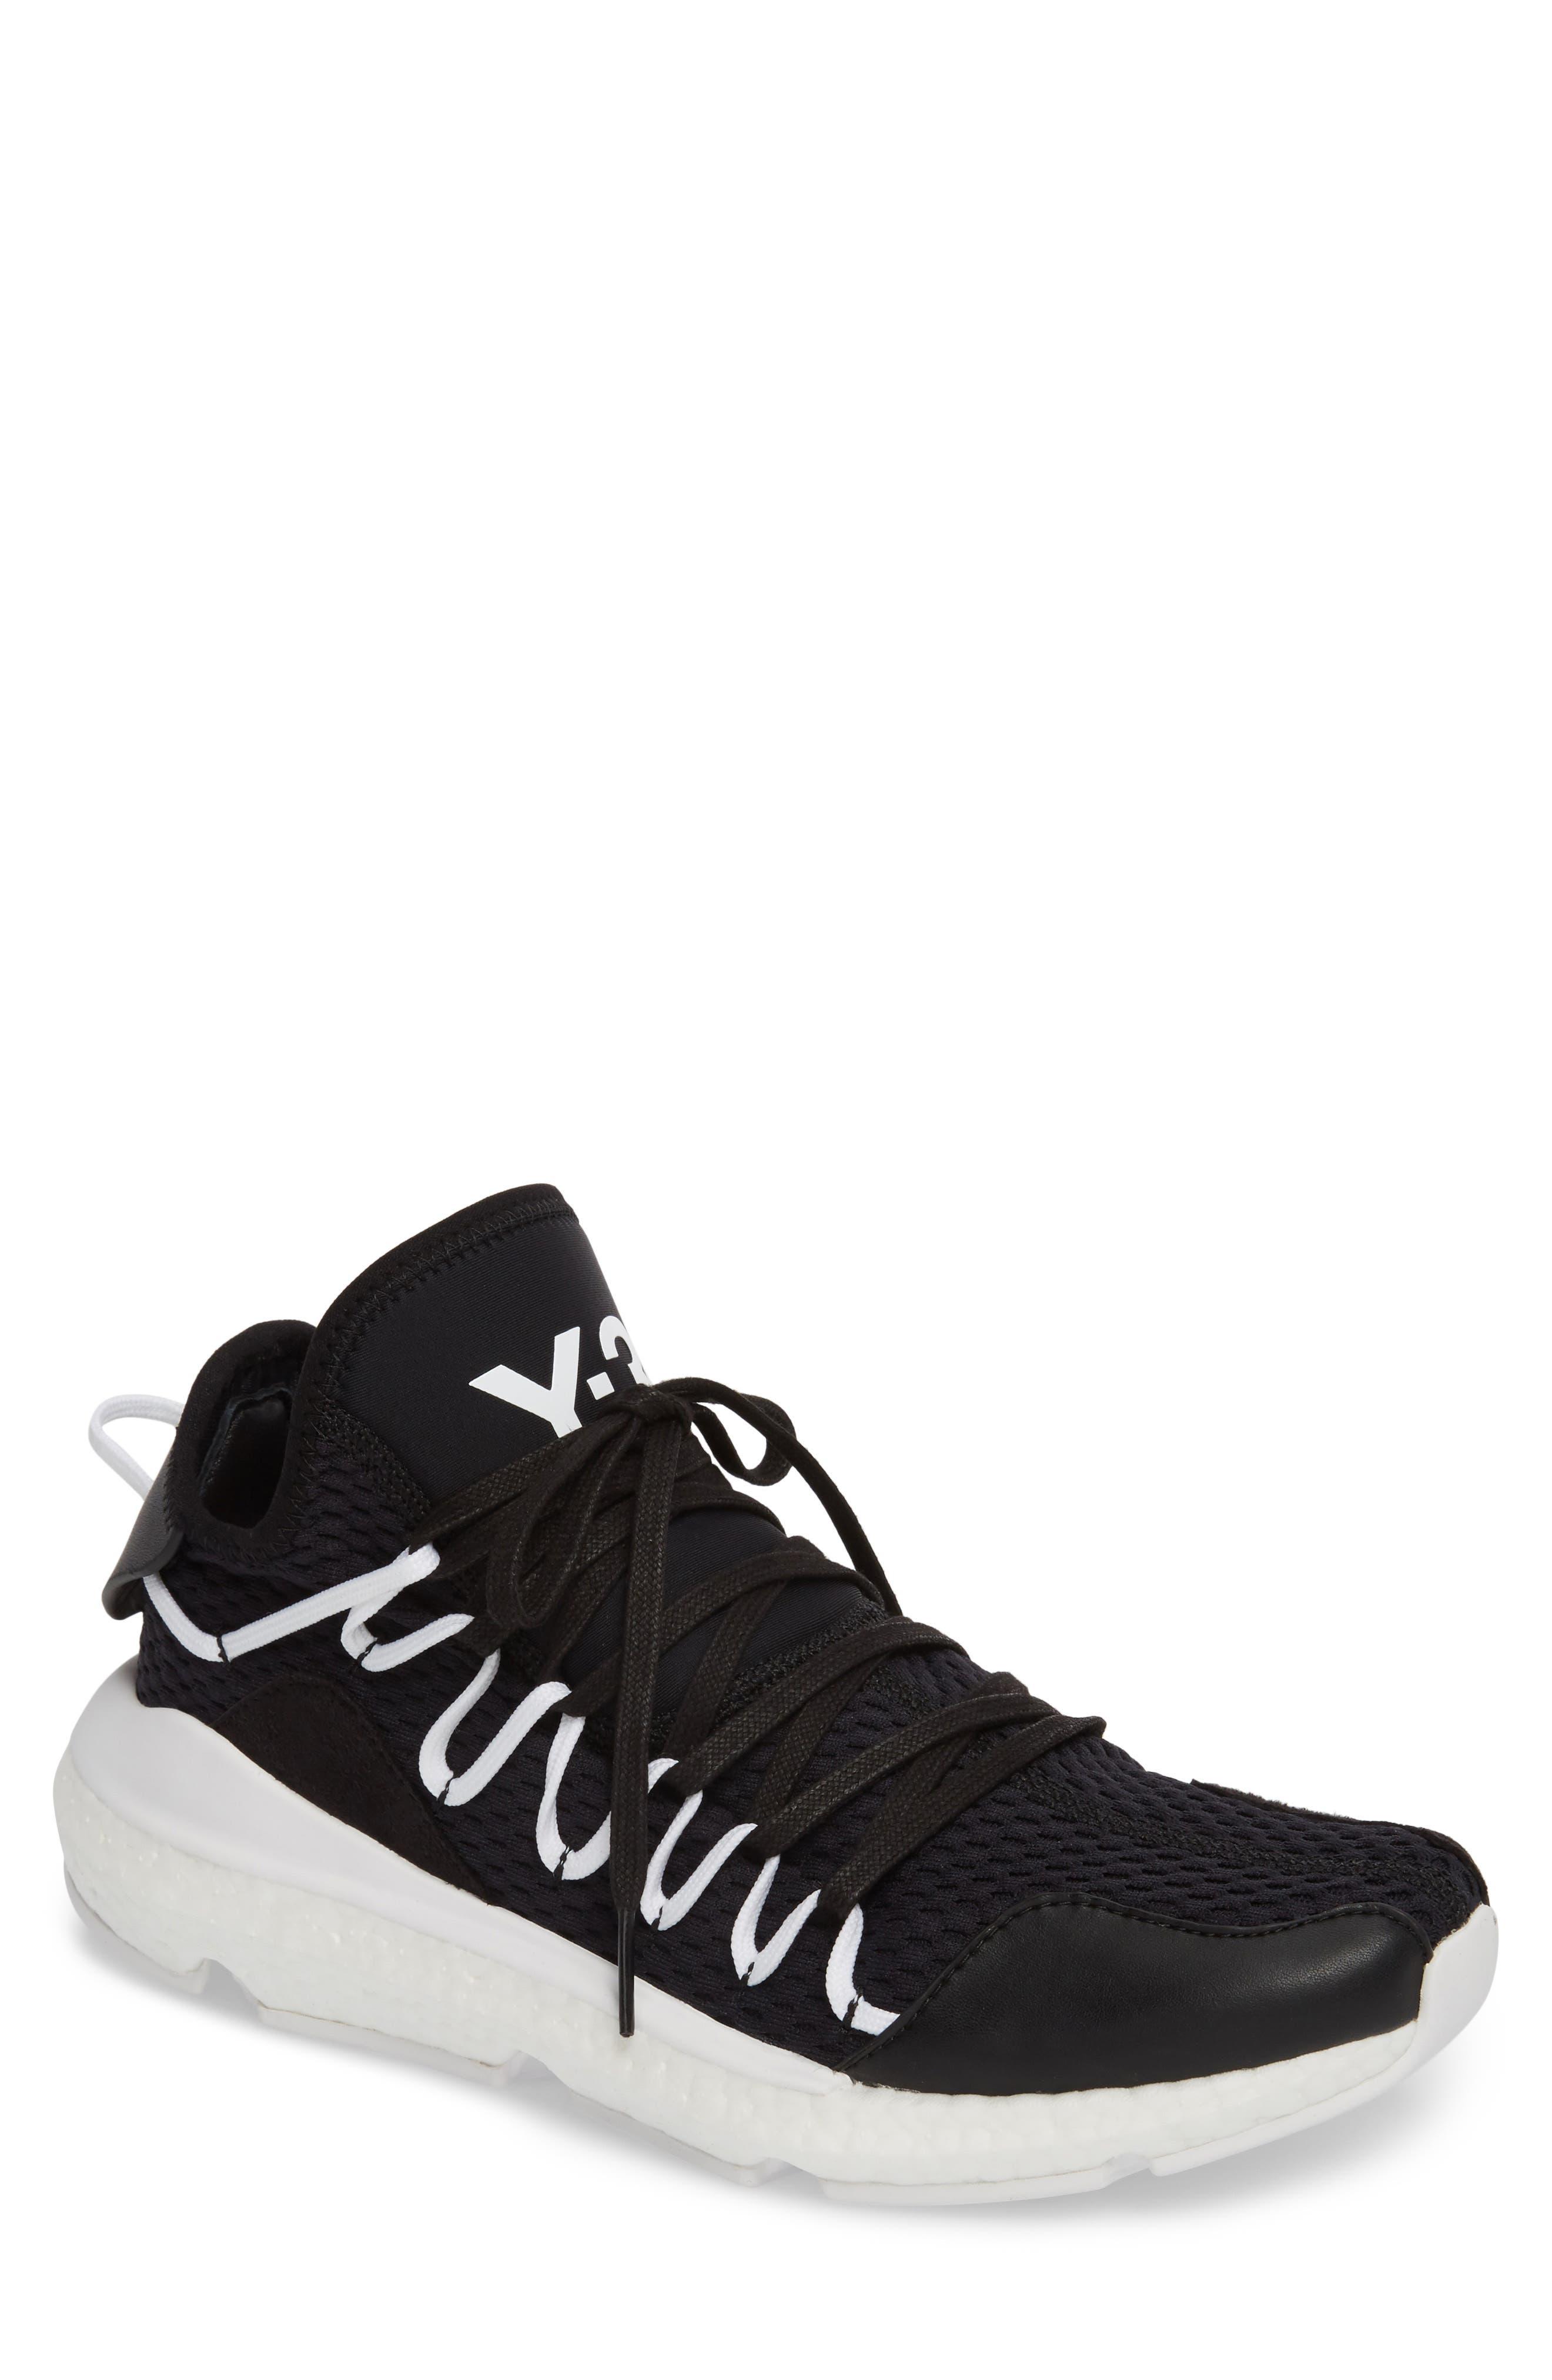 x adidas Kusari Sneaker,                         Main,                         color, Black